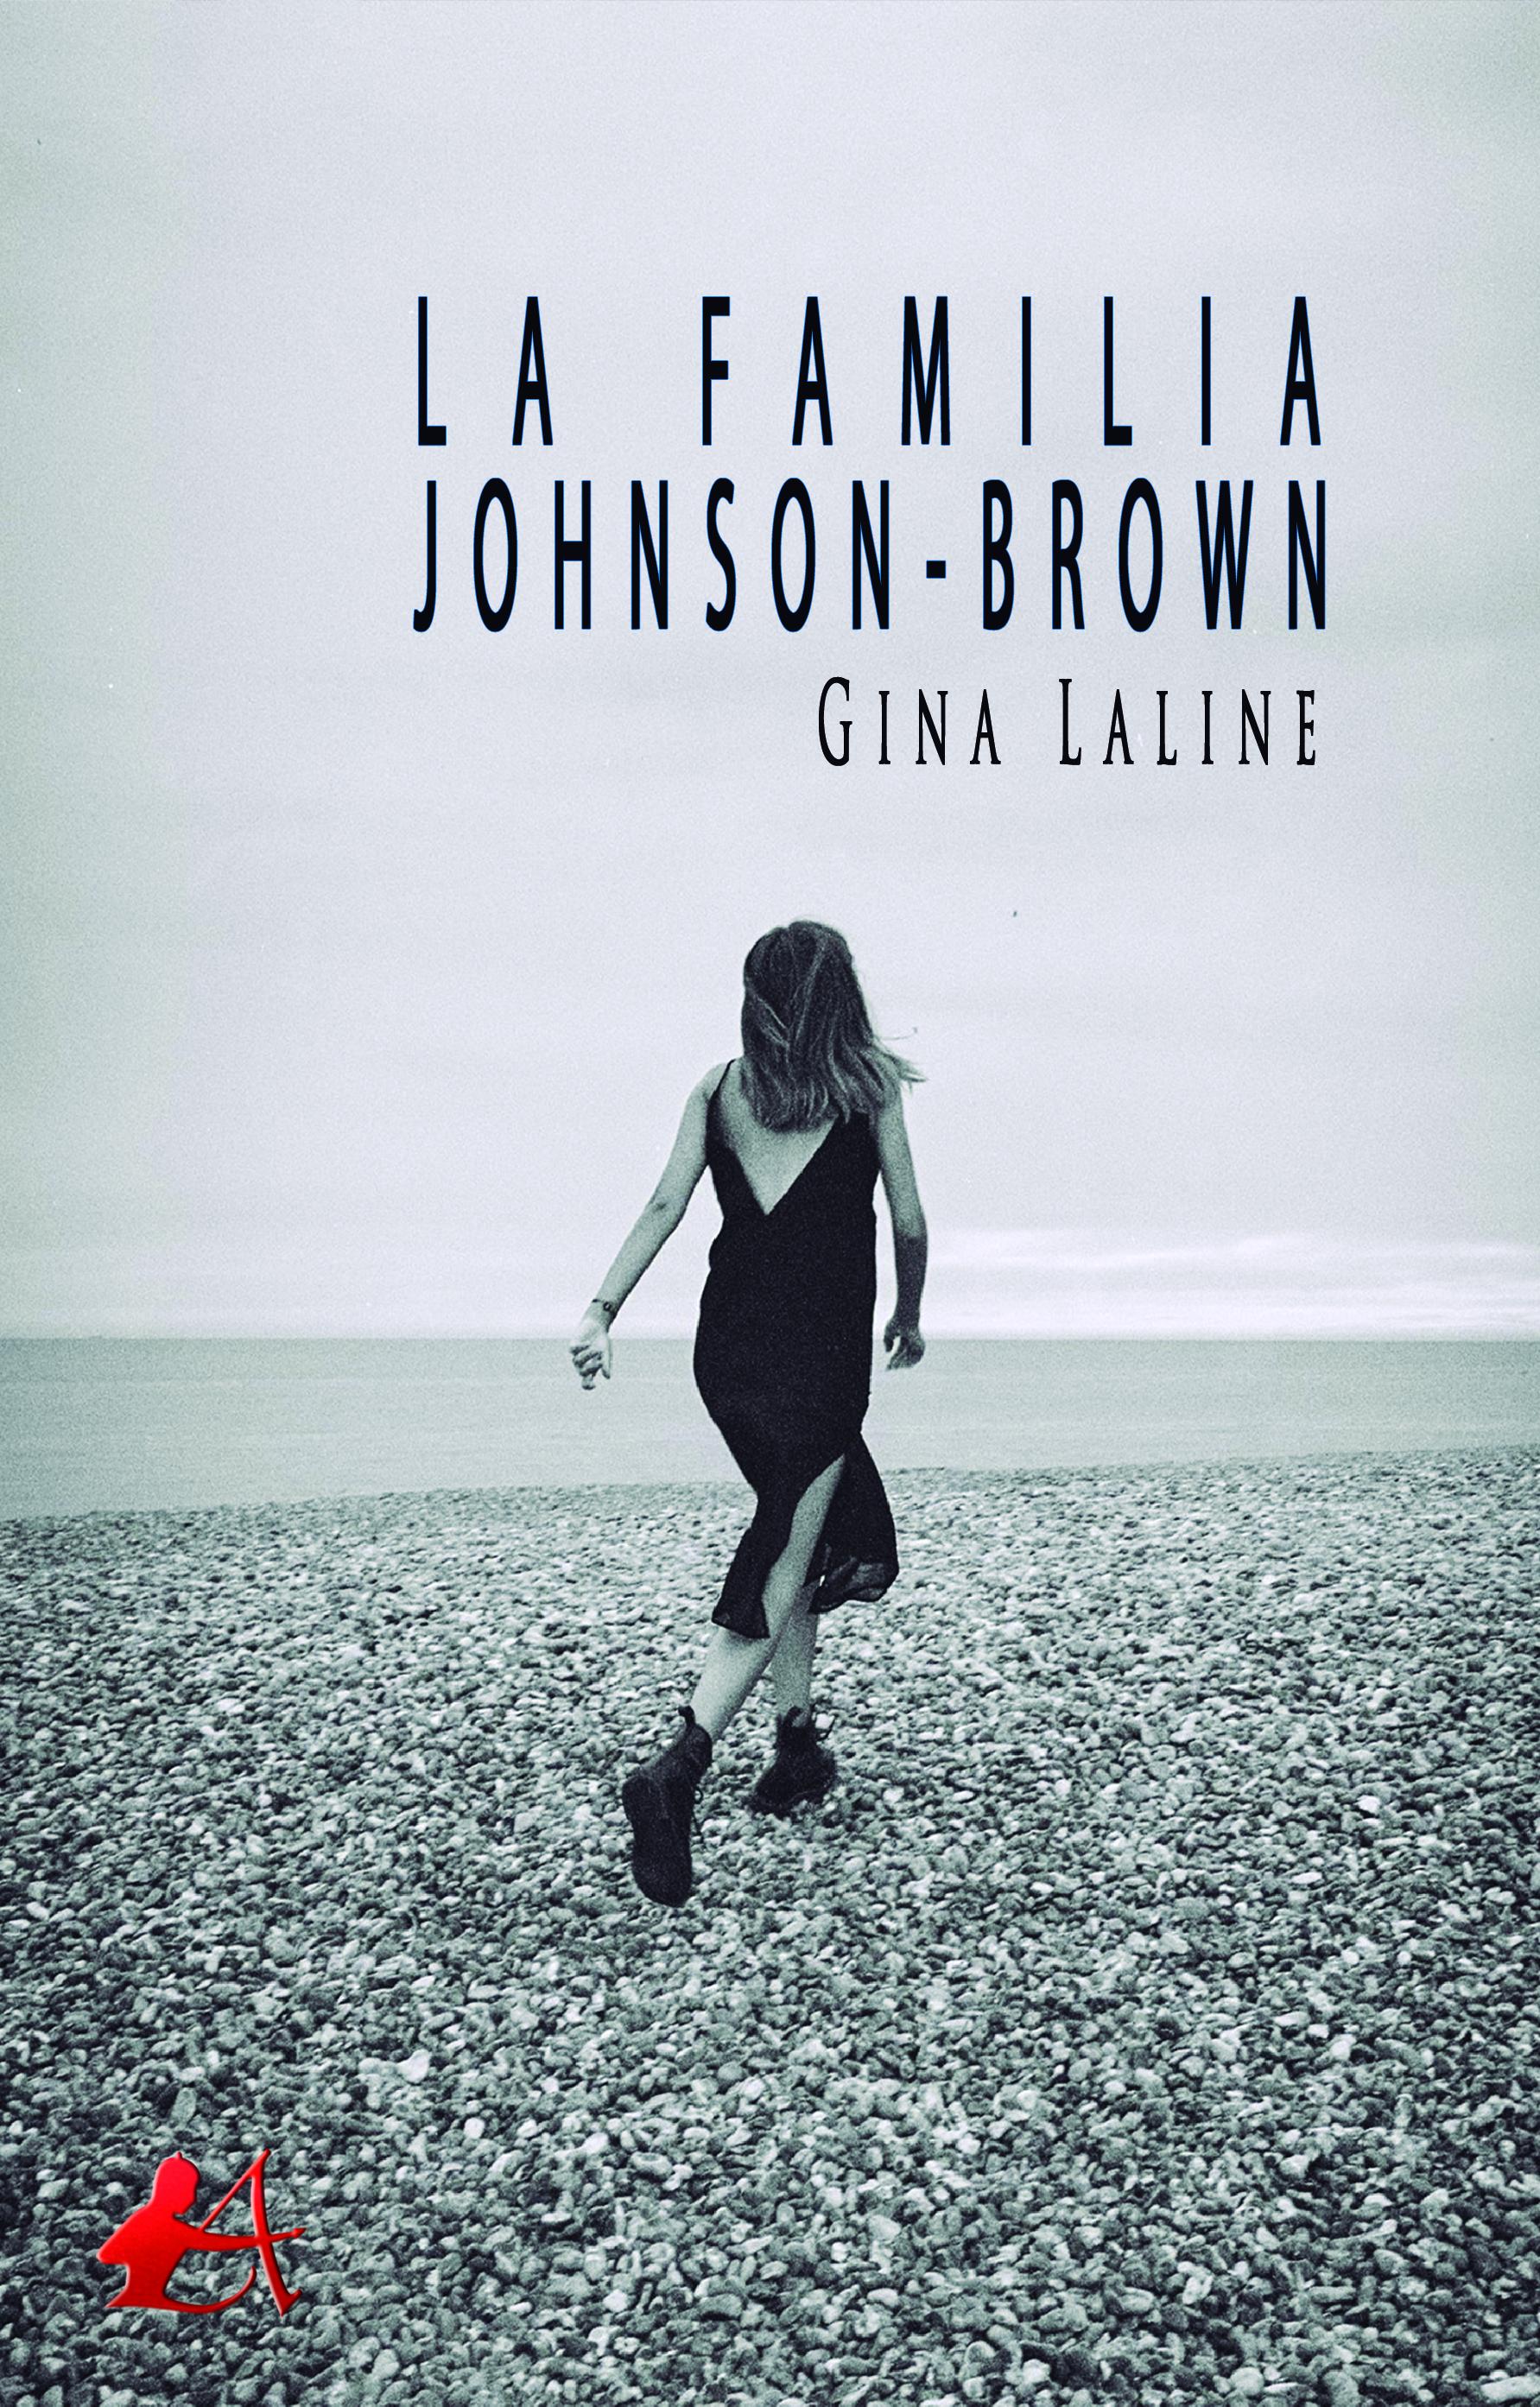 Portada del libro La familia Johnson-Brown de Gina Laline. Editorial Adarve, Escritores de hoy